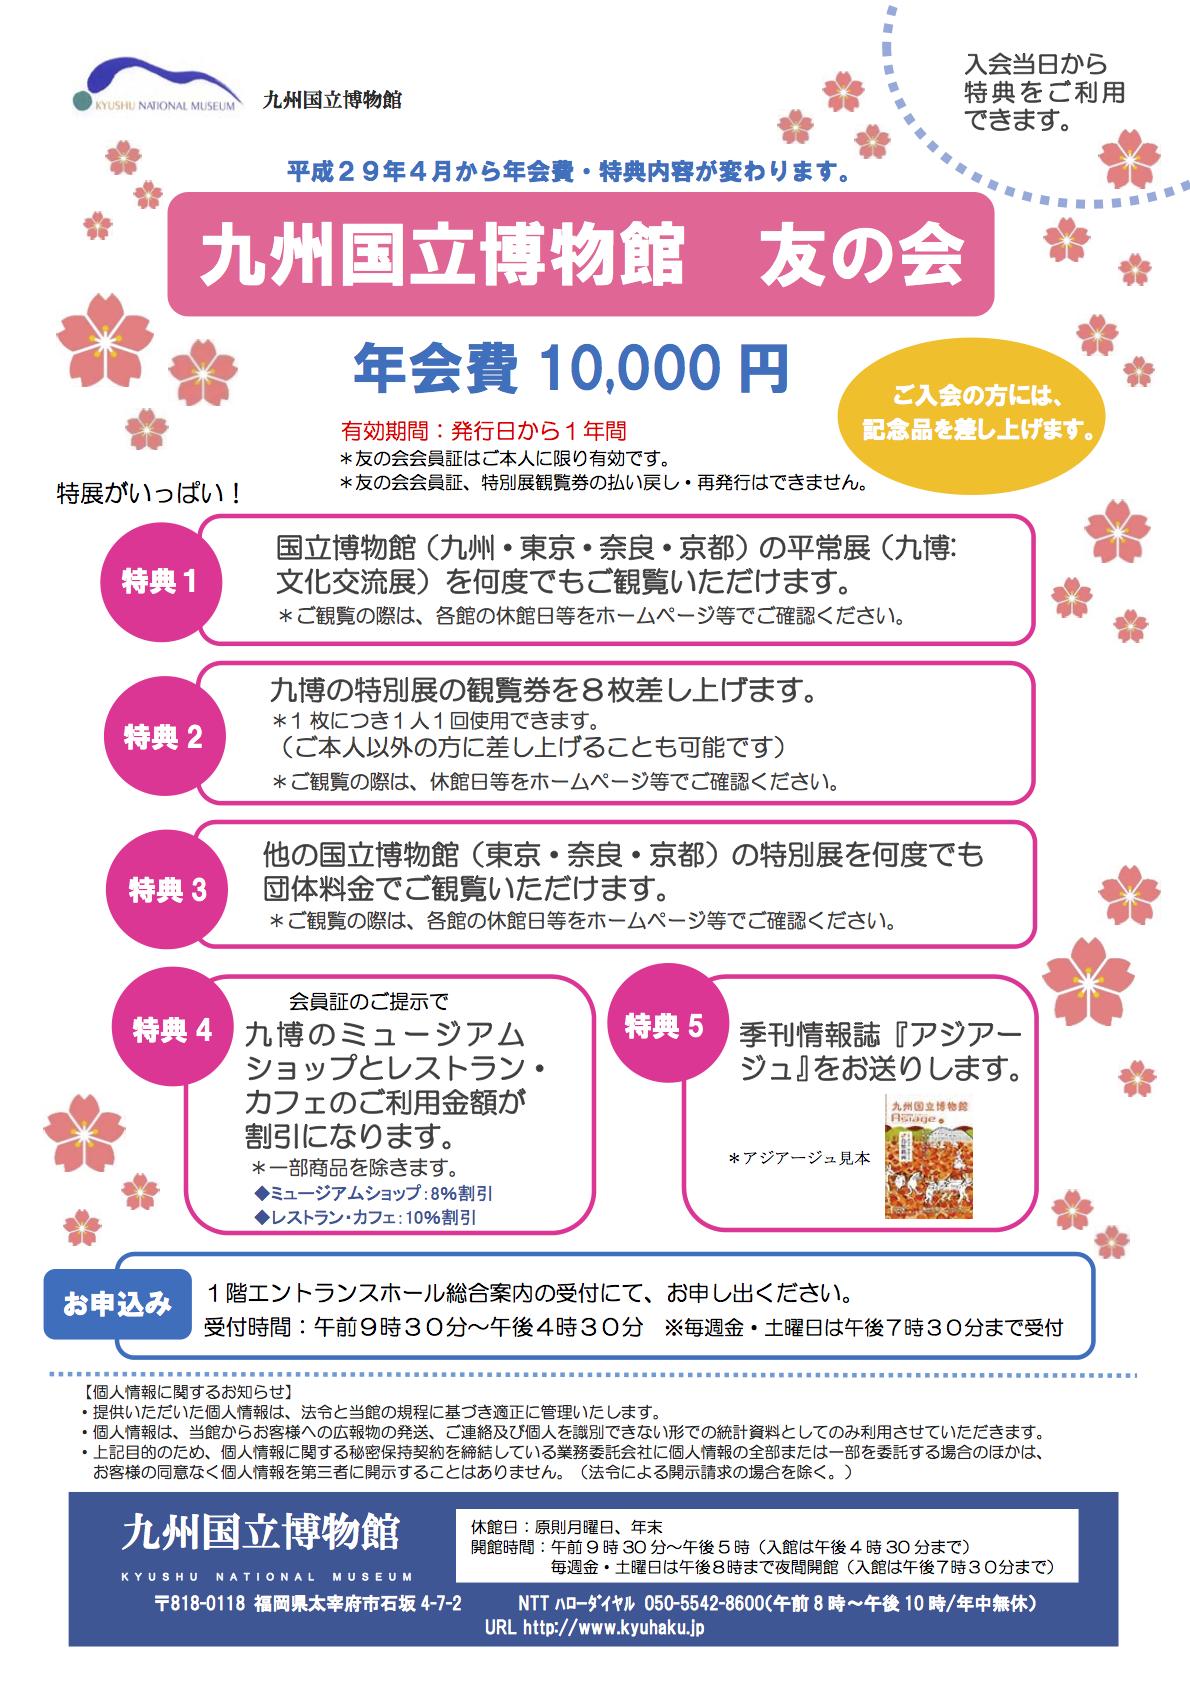 「九州国立博物館パスポート」